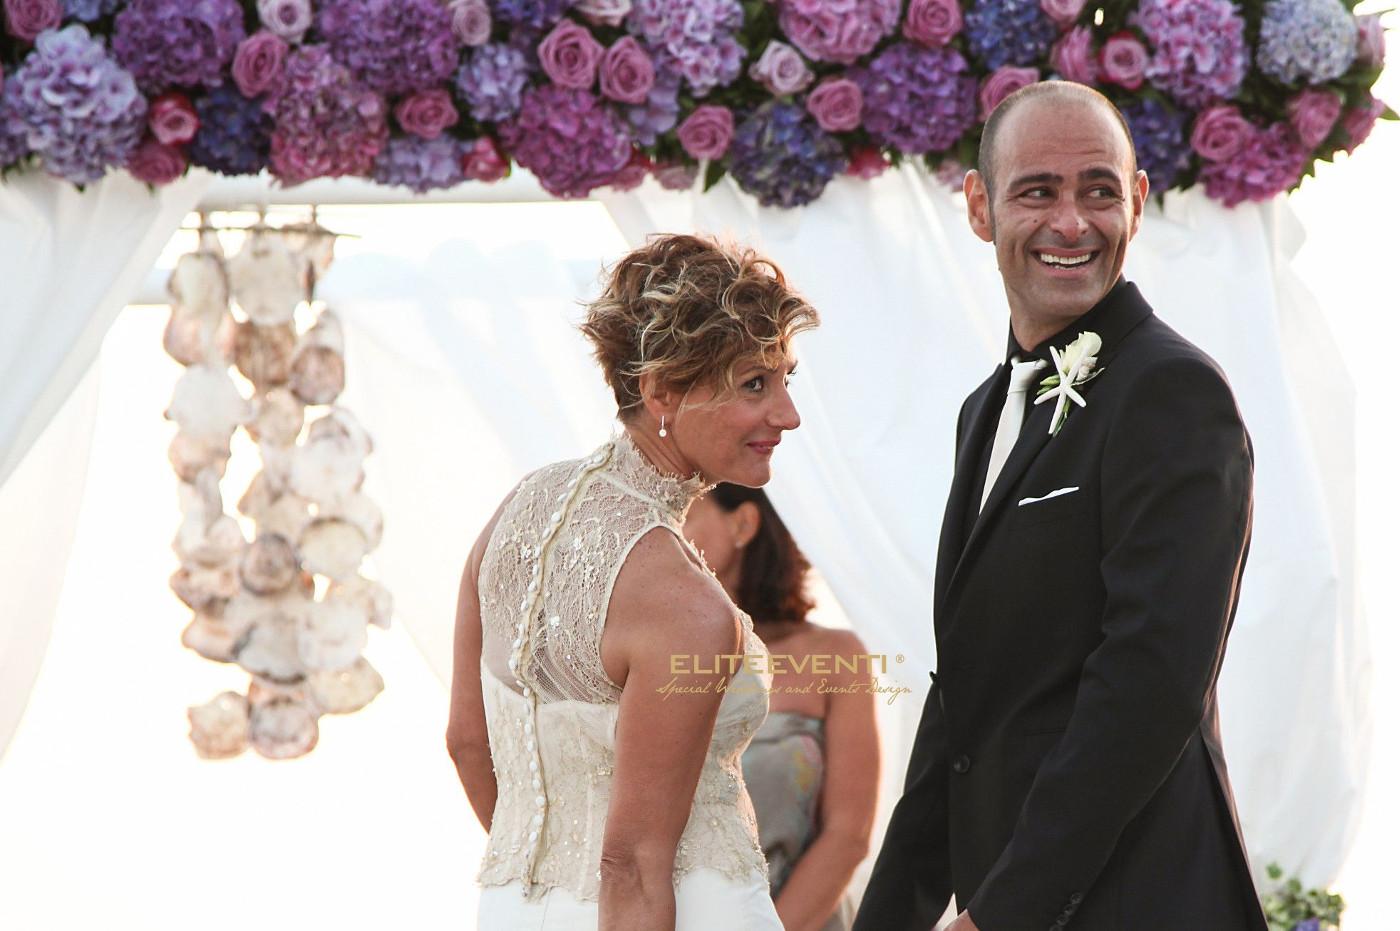 Matrimonio in spiaggia organizzato da Eliteeventi